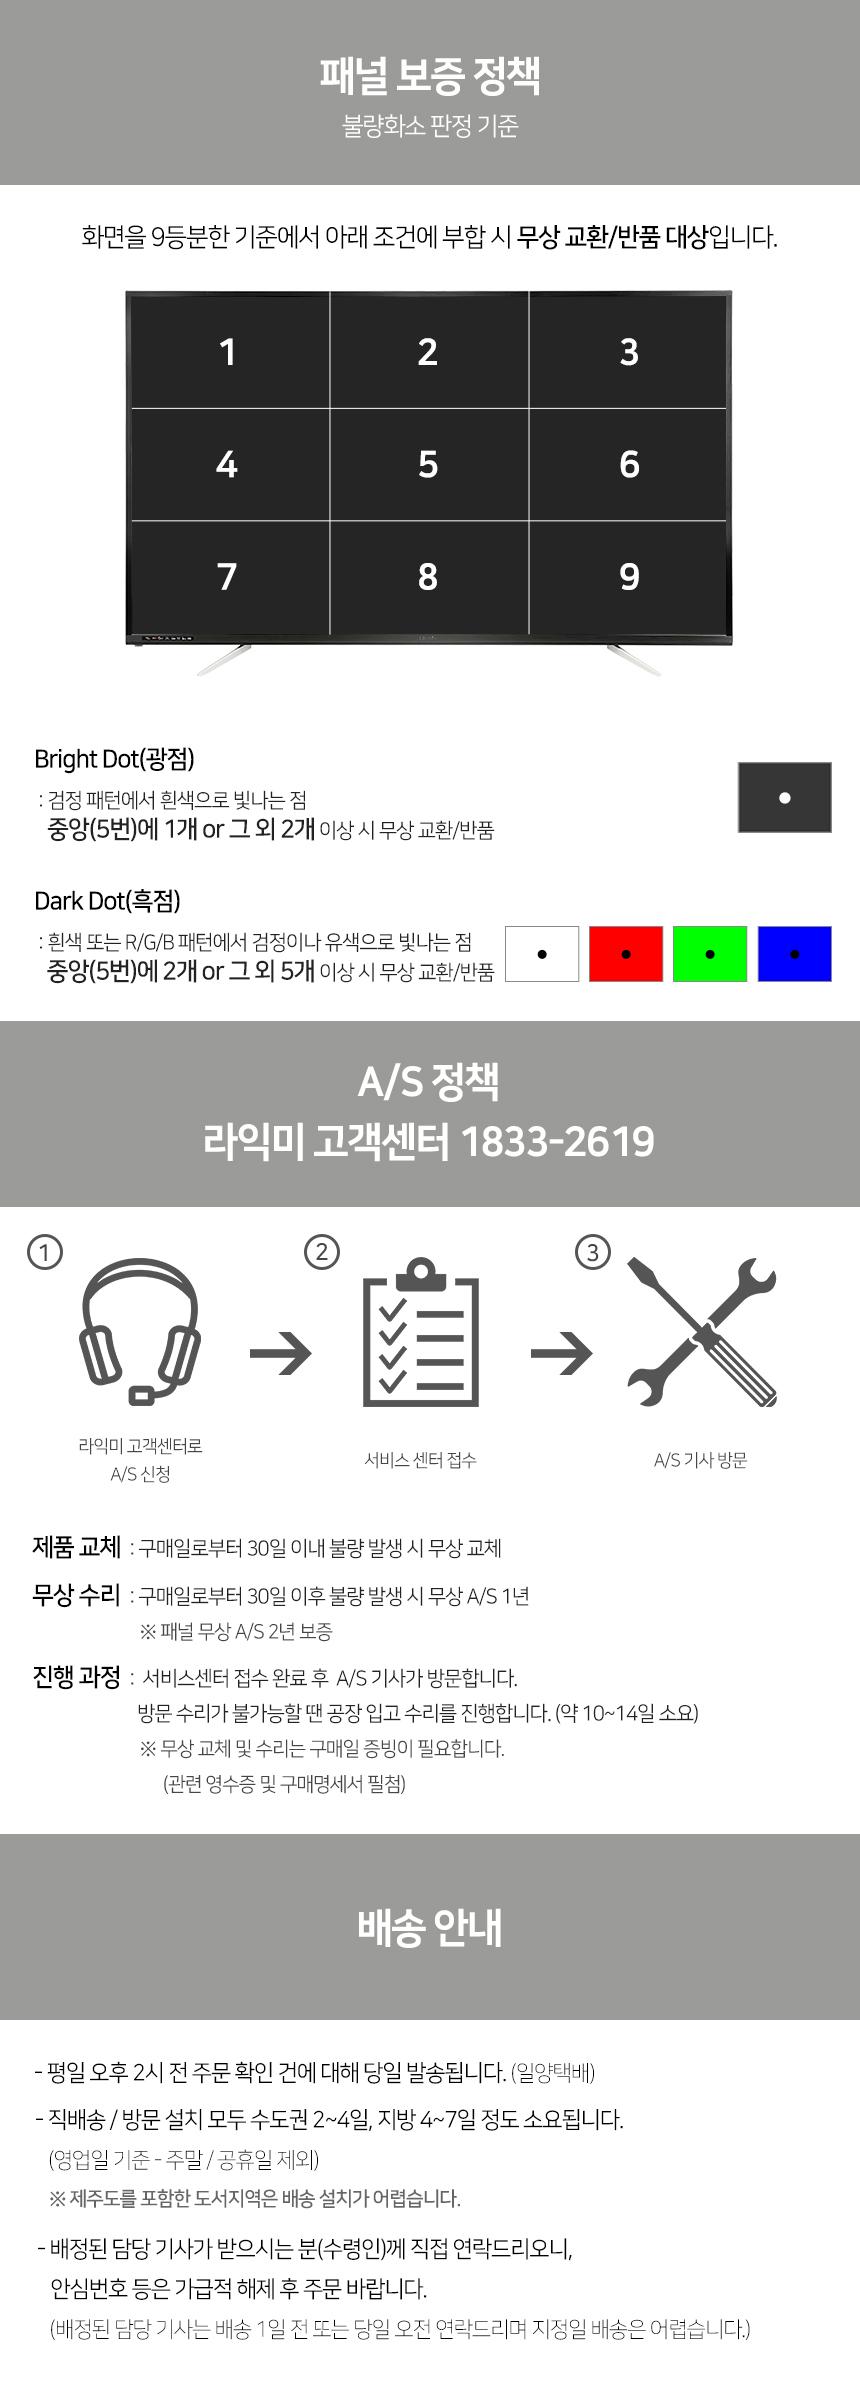 라익미 스마트 DS7001L 4K HDR 다이렉트TV (벽걸이)